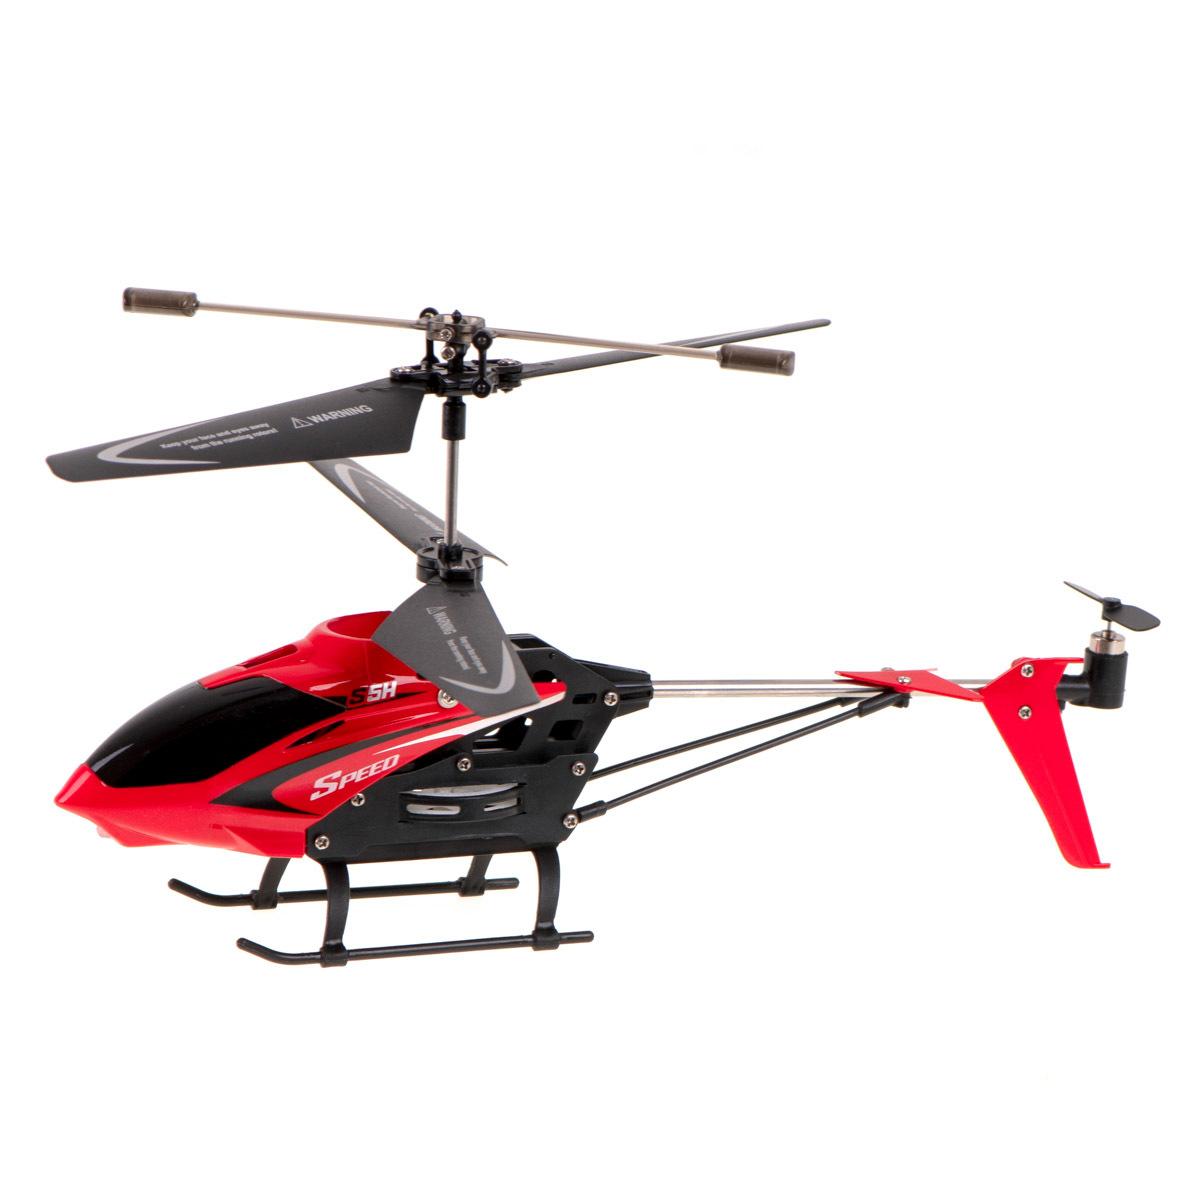 modele rc helikopter